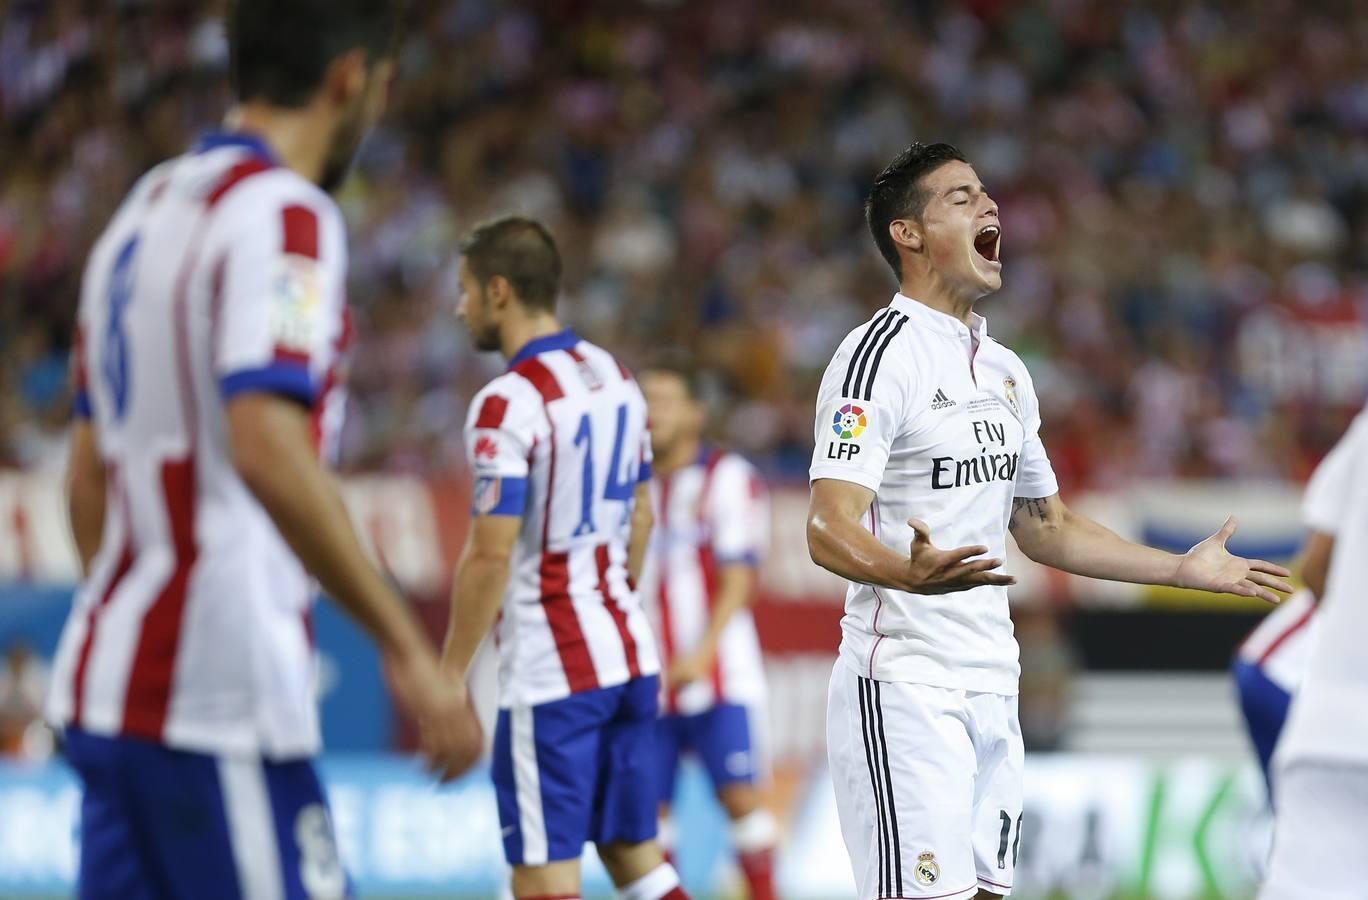 Las mejores imágenes de la vuelta de la Supercopa de España